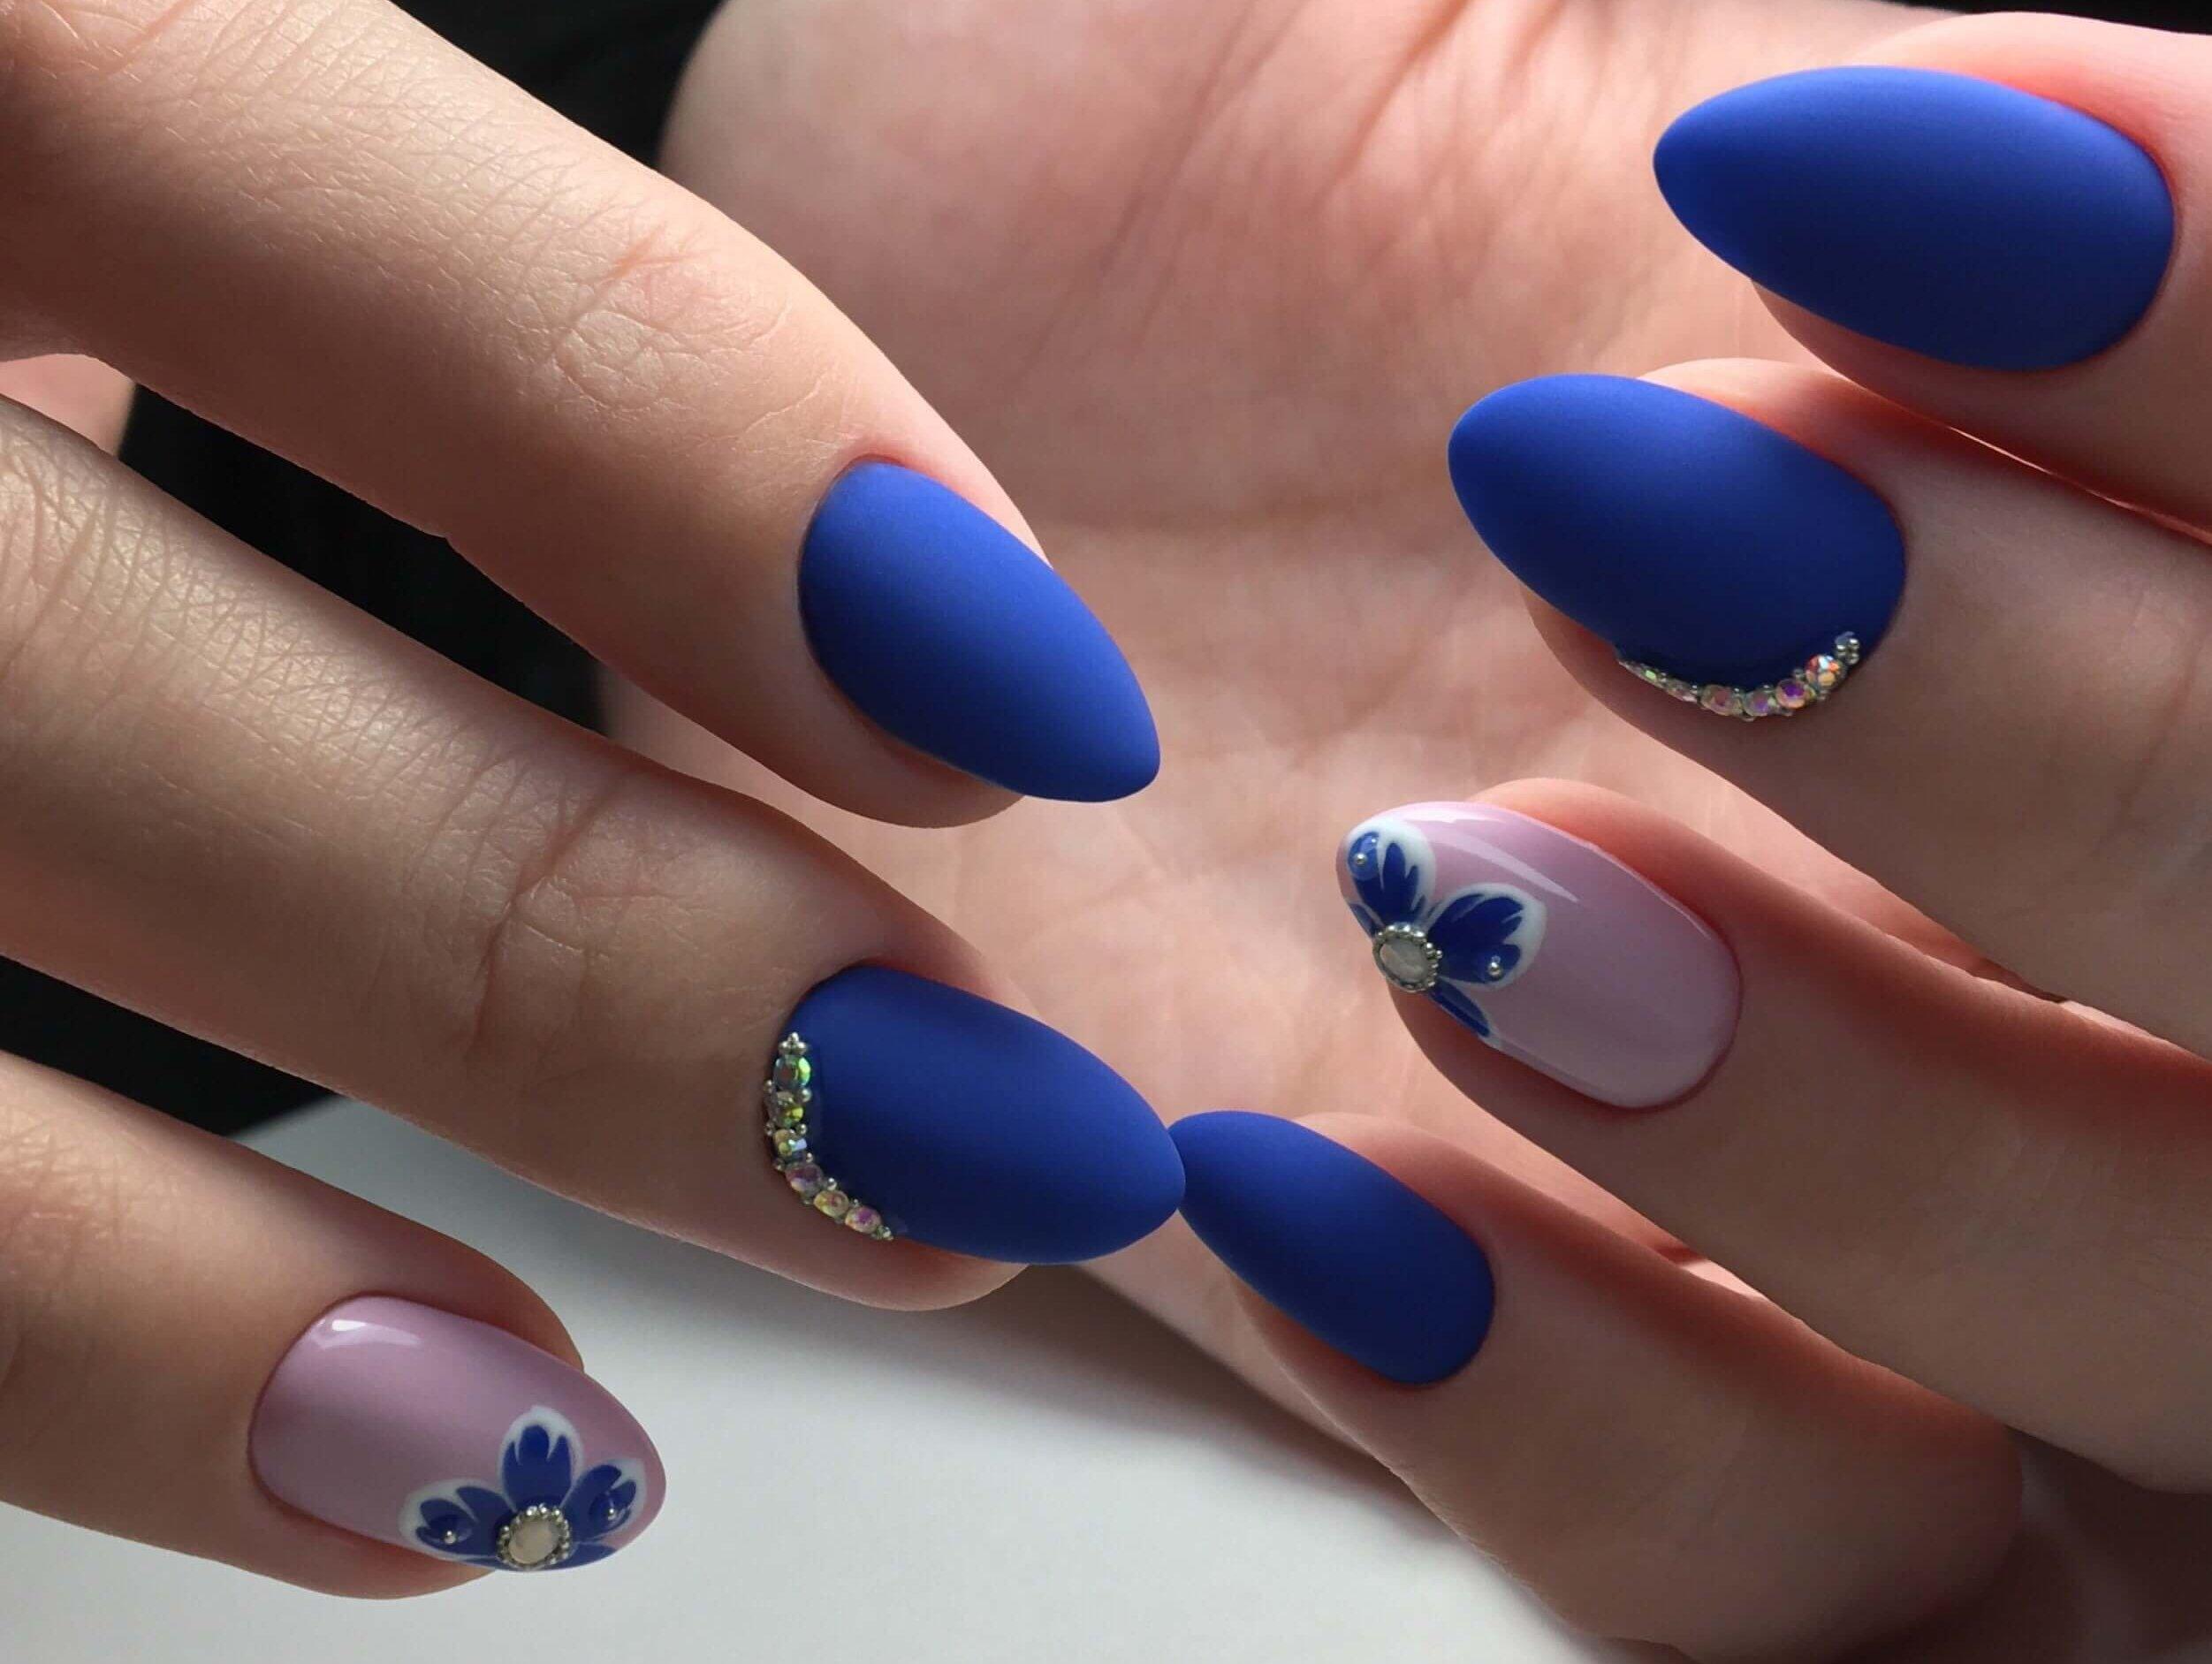 оно наращивание ногтей в синем цвете фото дизайн взял